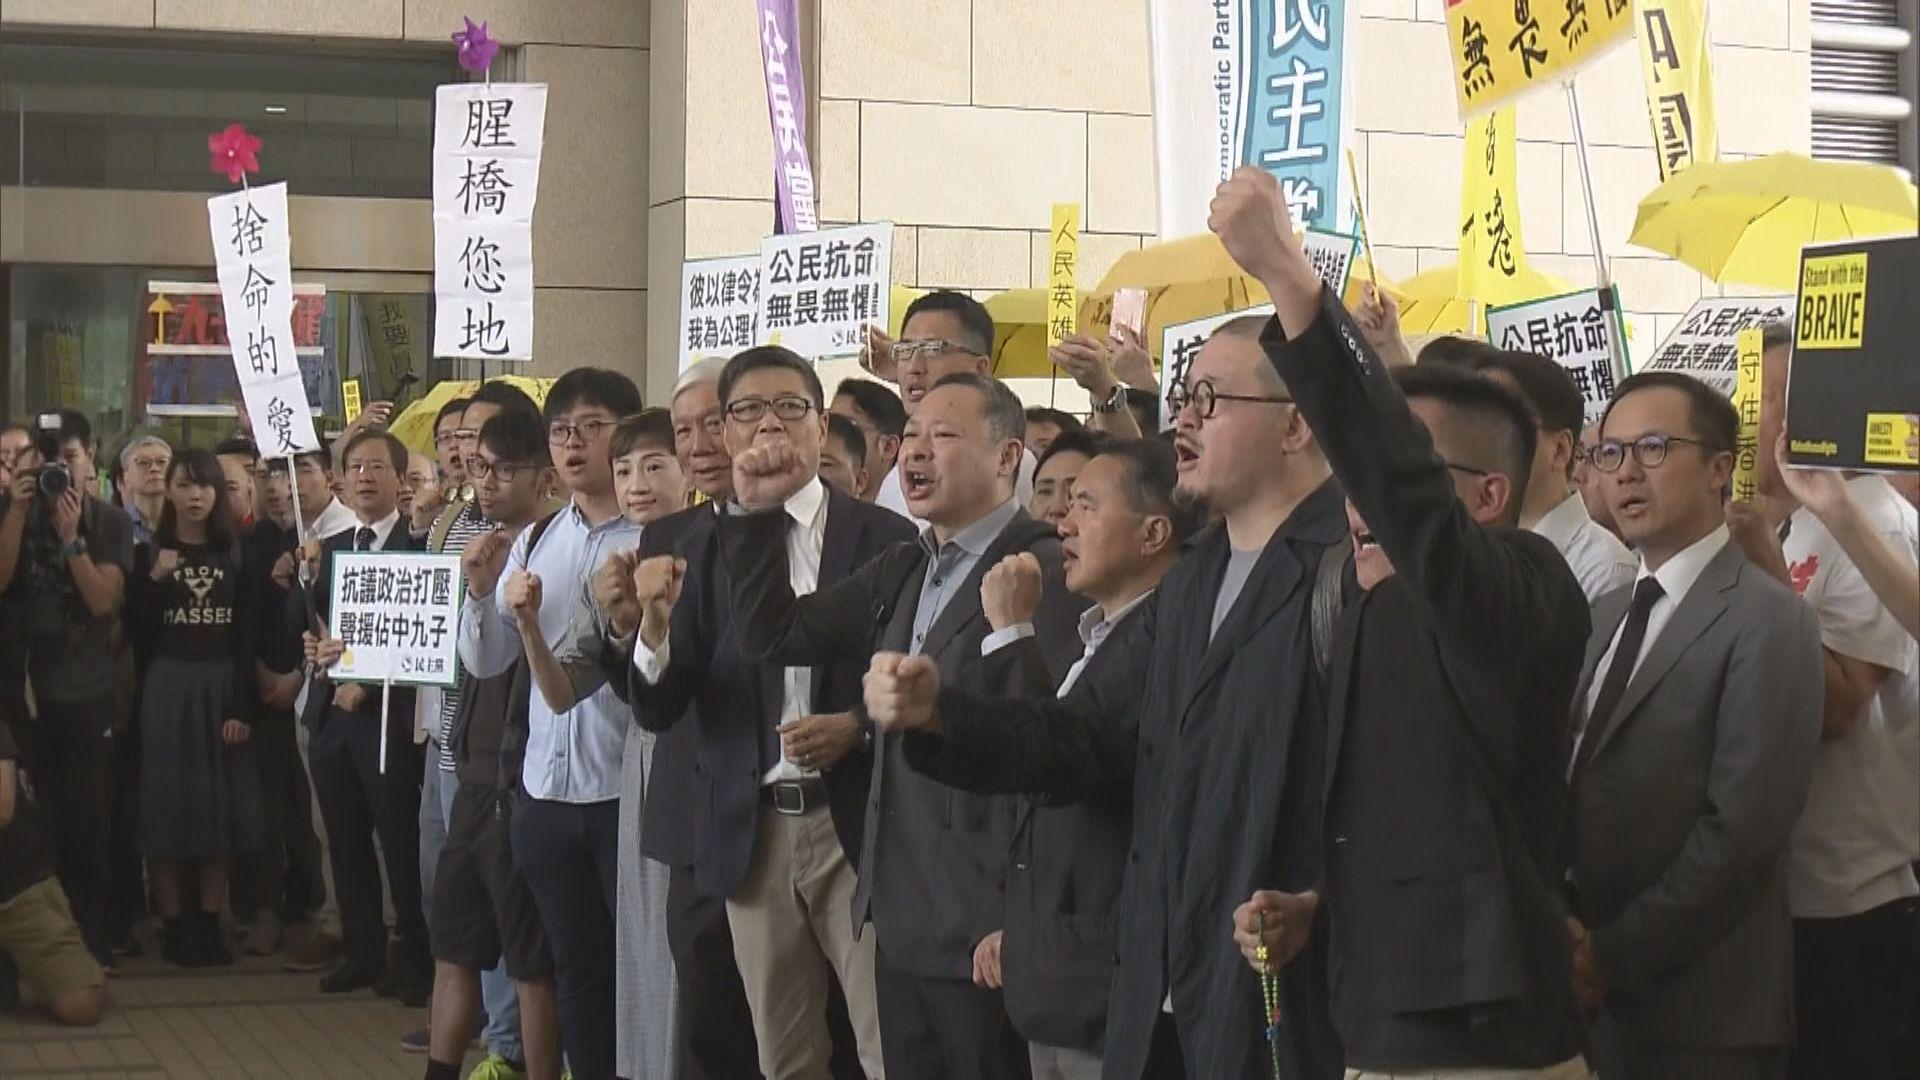 【佔中案】法官不認同控罪打壓言論及集會自由